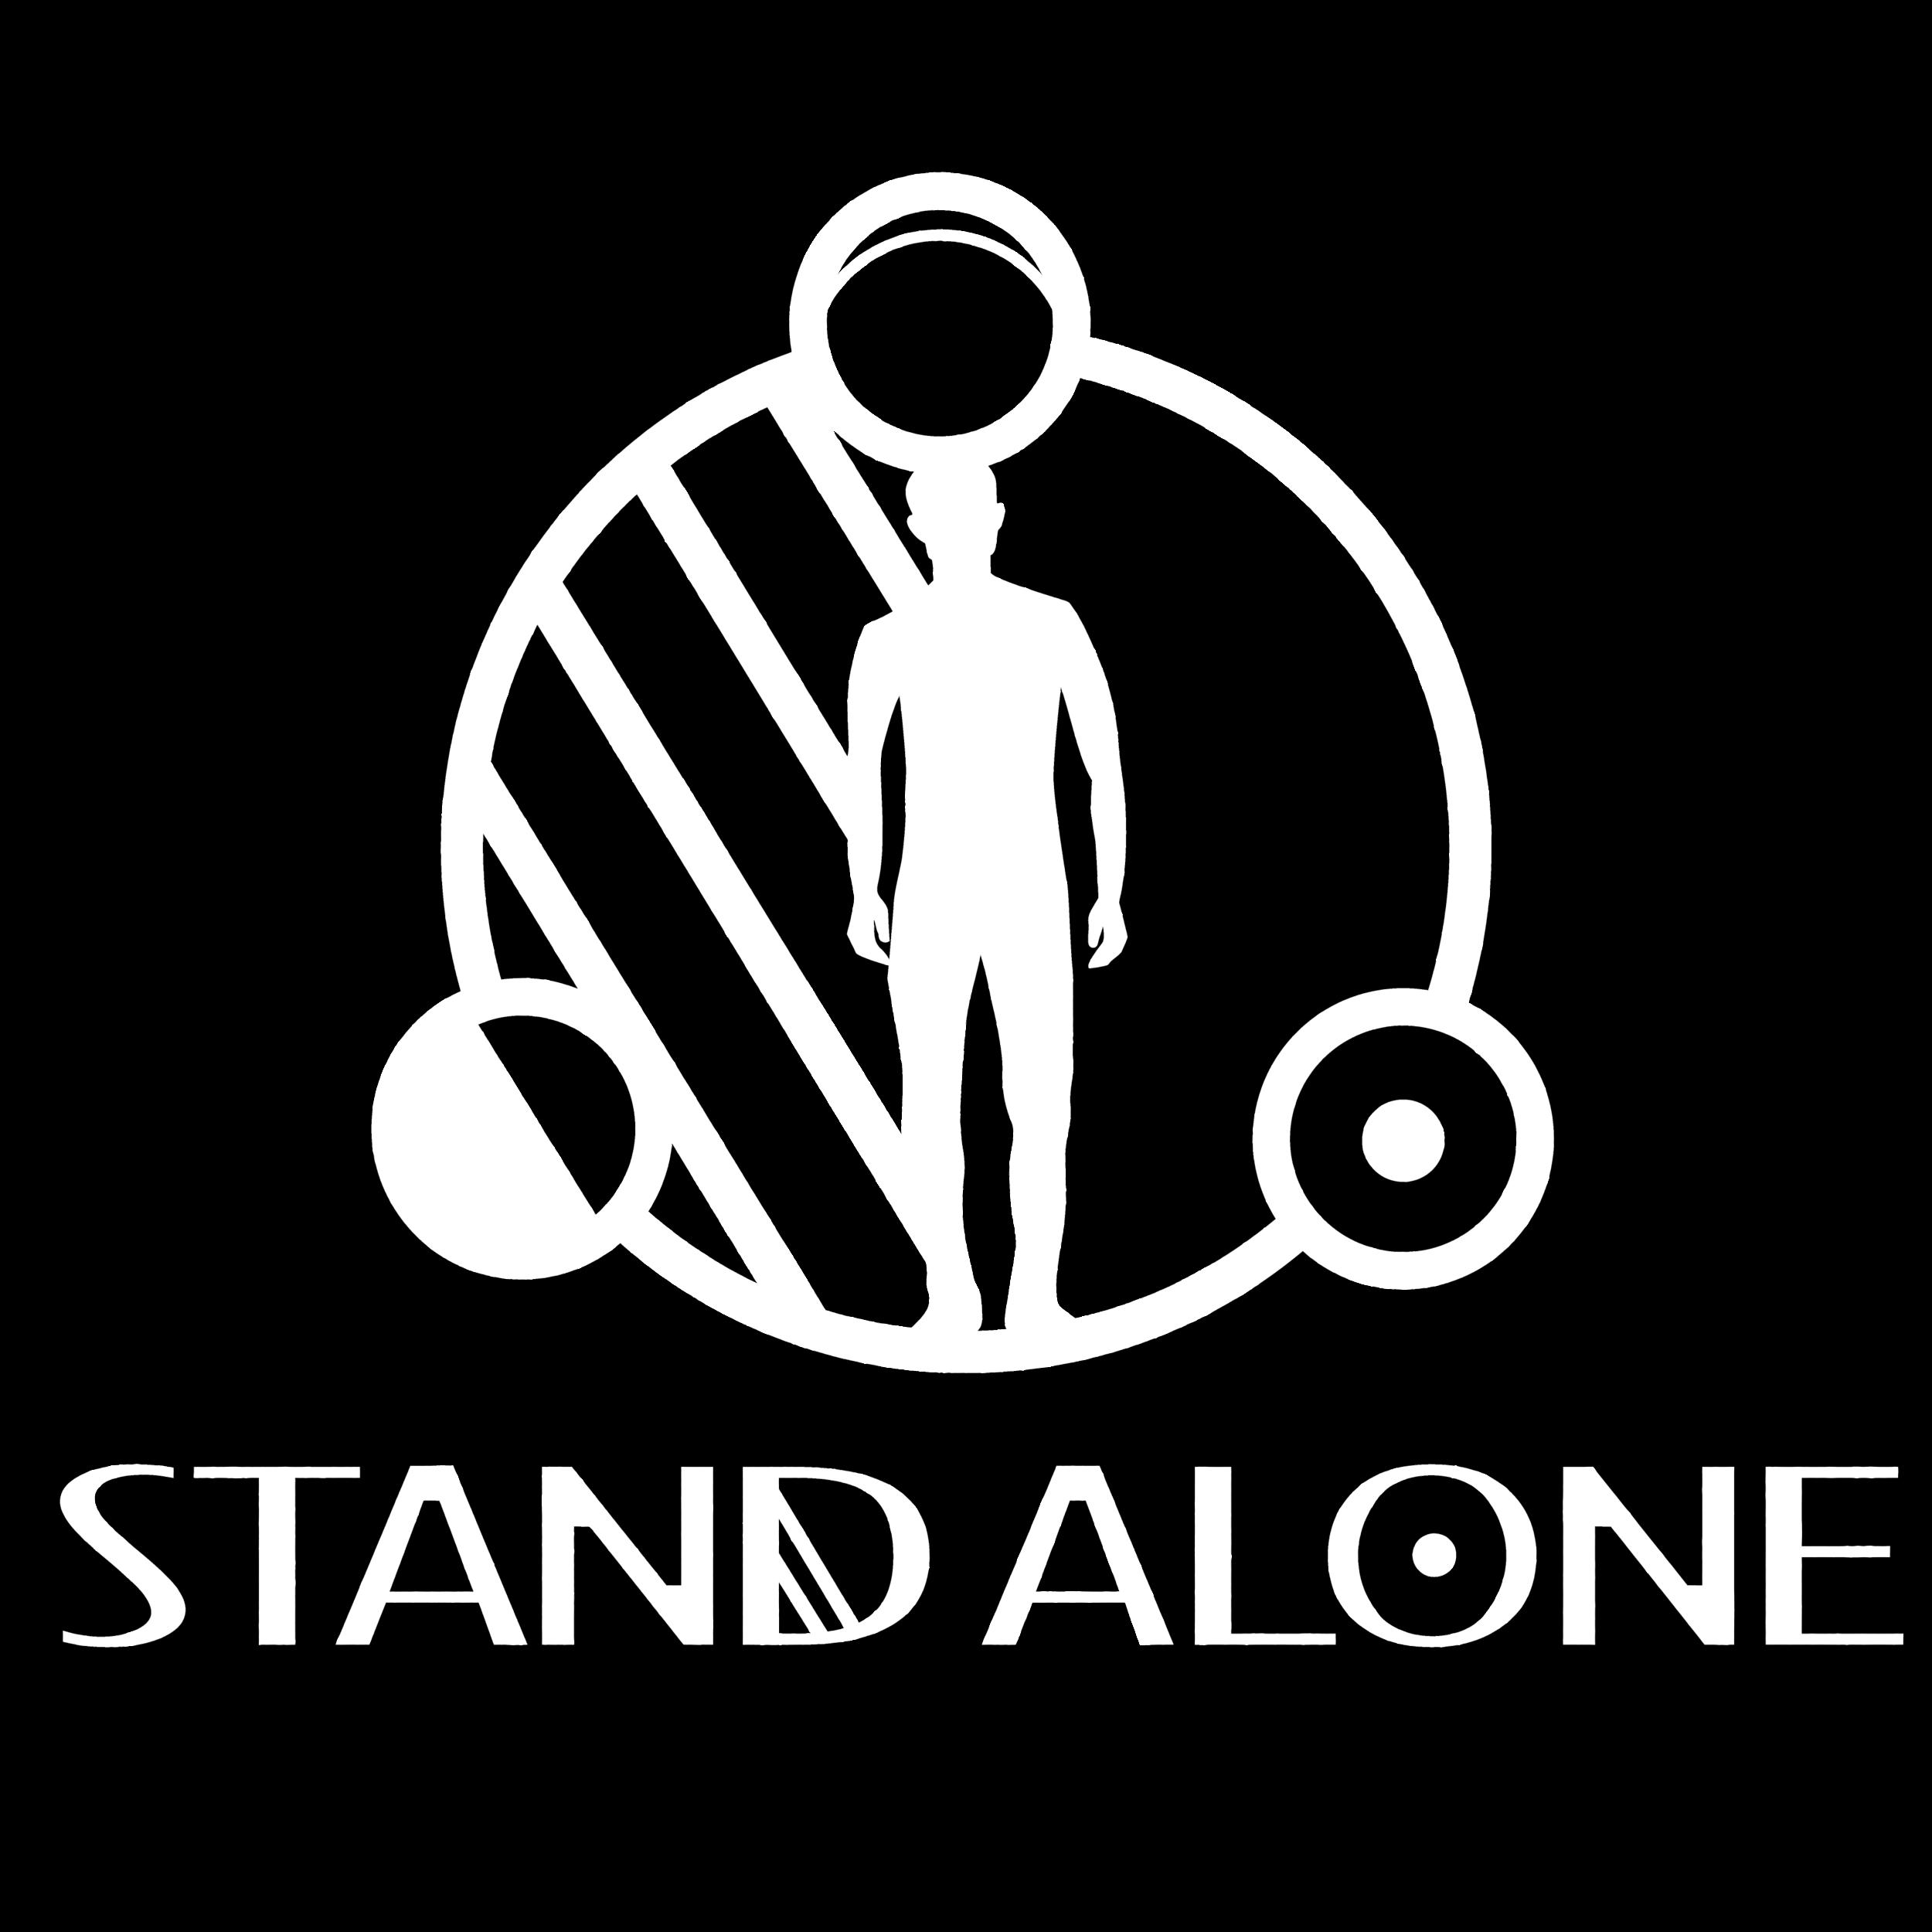 standalone_fulllogo.png